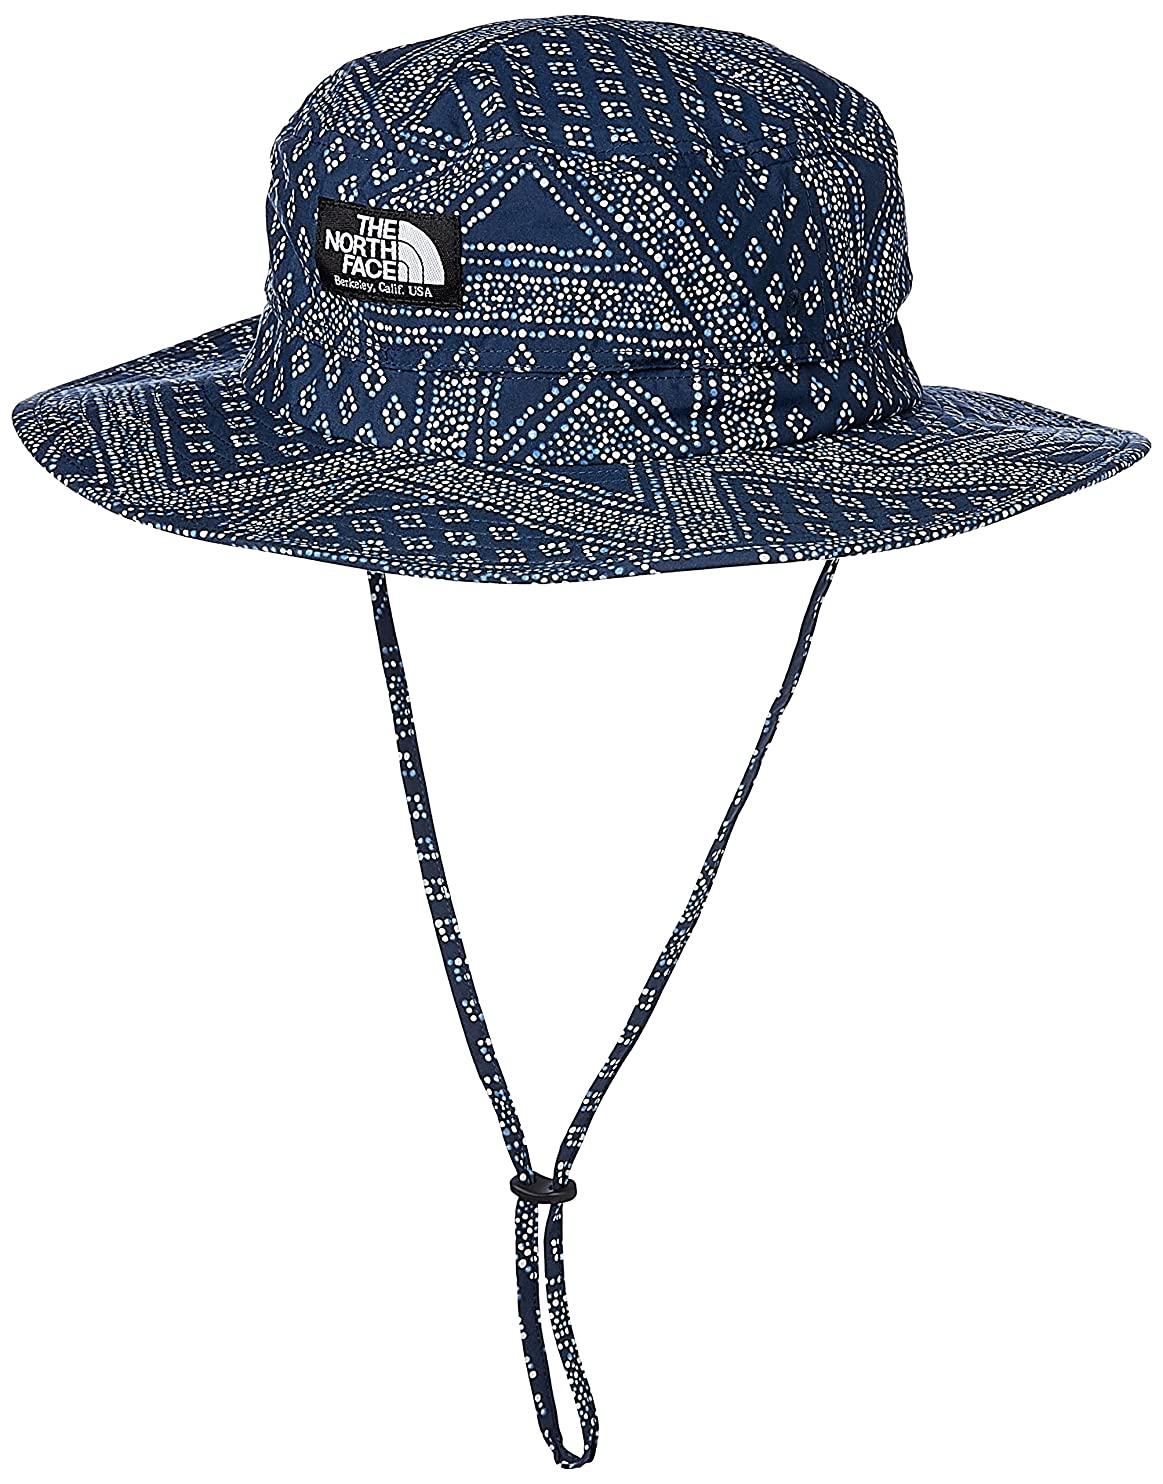 くすぐったい着る見物人[ザノースフェイス] ノベルティホライズンハット Novelty Horizon Hat